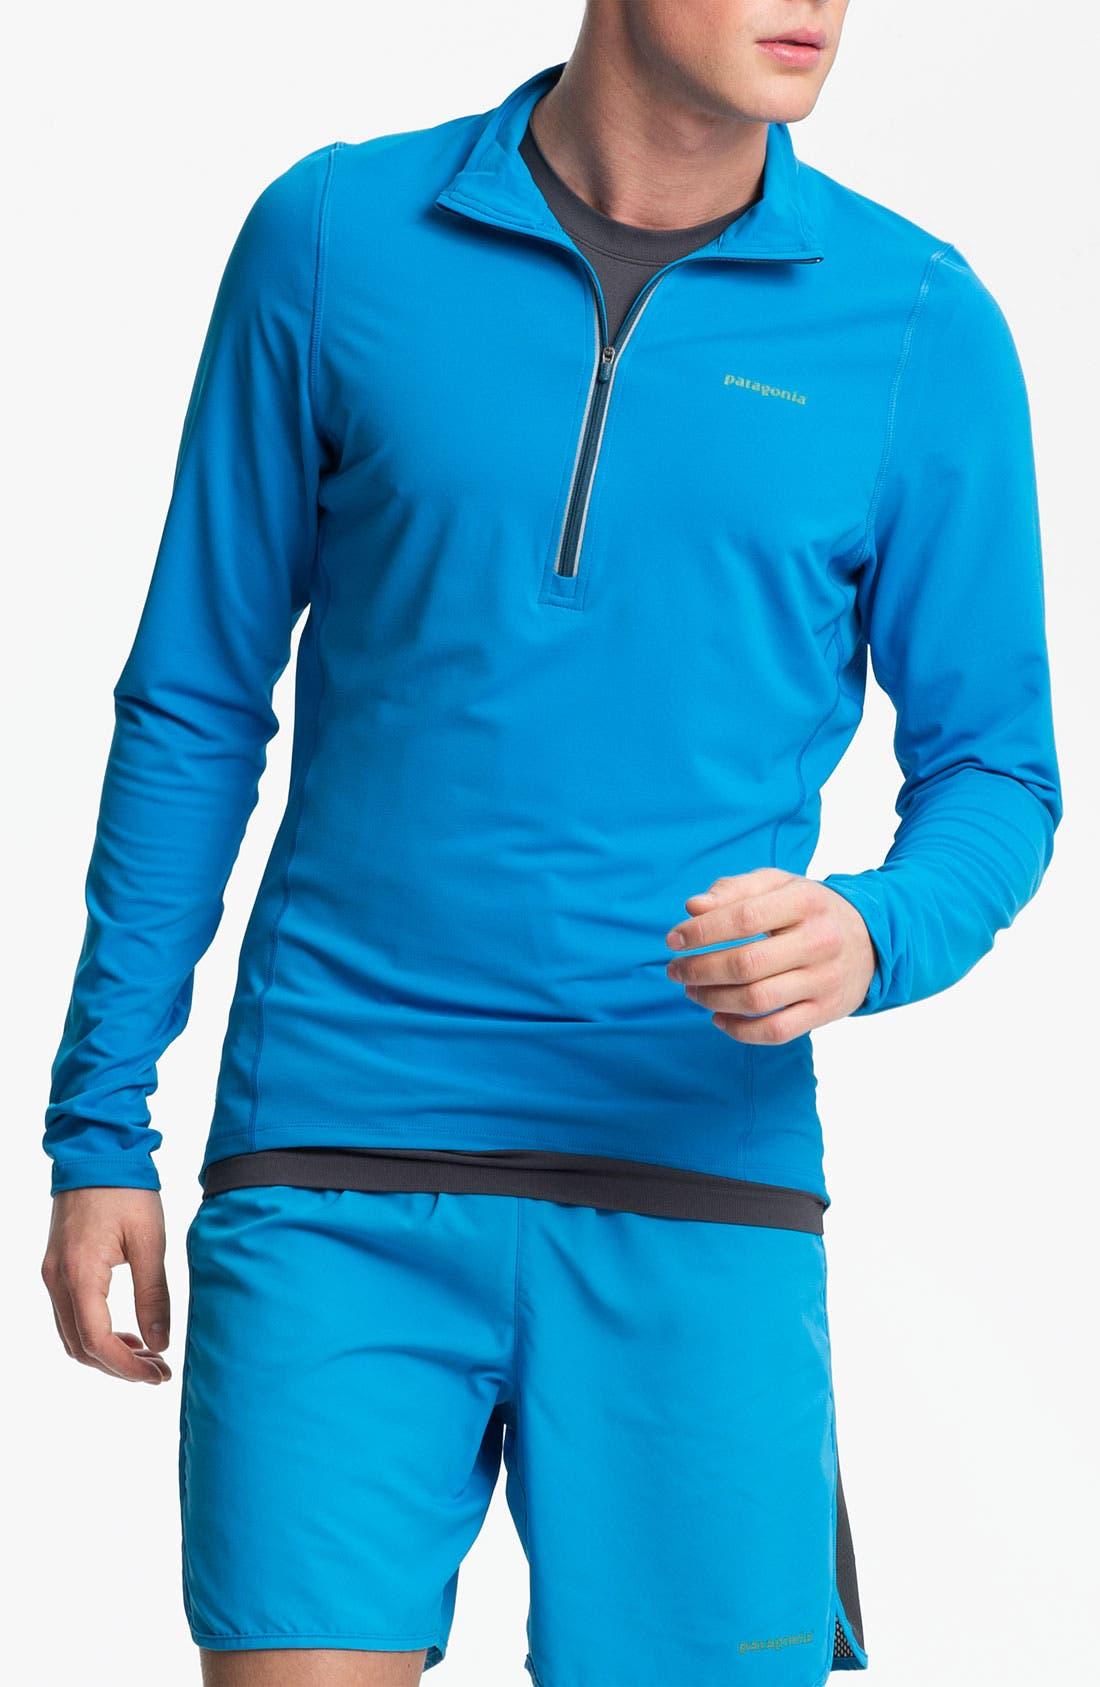 Main Image - Patagonia Half Zip Pullover